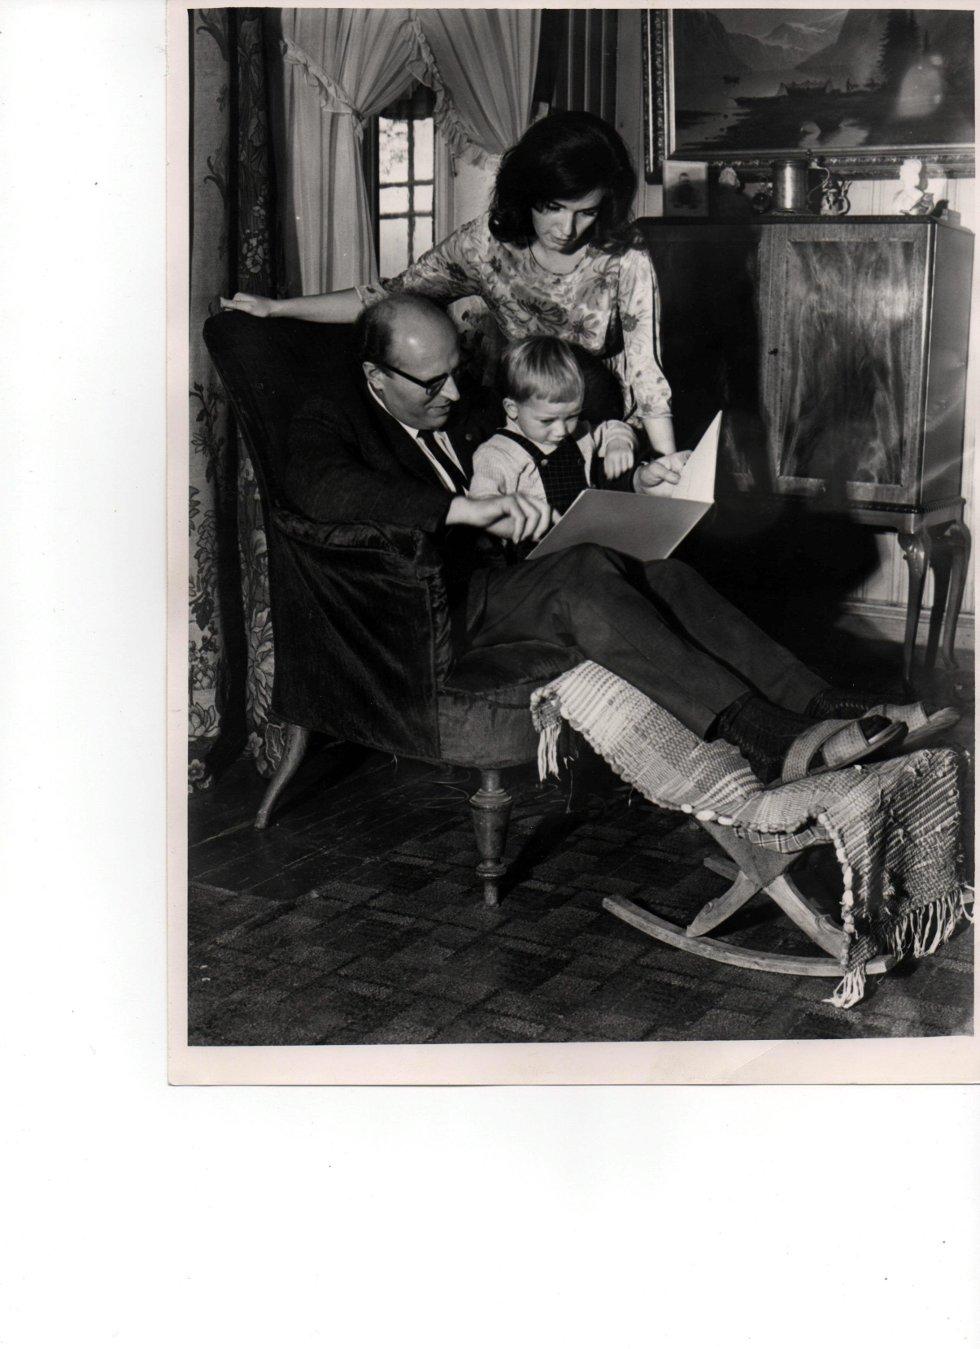 Sønnen til Wilhelm Røren i Asbjørnsens «godstol». Kari Røren, hans datter, bak og på fanget sitter Karis sønn, Arne. Stolen er en polstret lenestol med smidd stamme og sete med fjær, trekk av rød fløyel og dreide ben. Eier: Norsk Folkemuseum. Foto: utlånt av Kari Røren